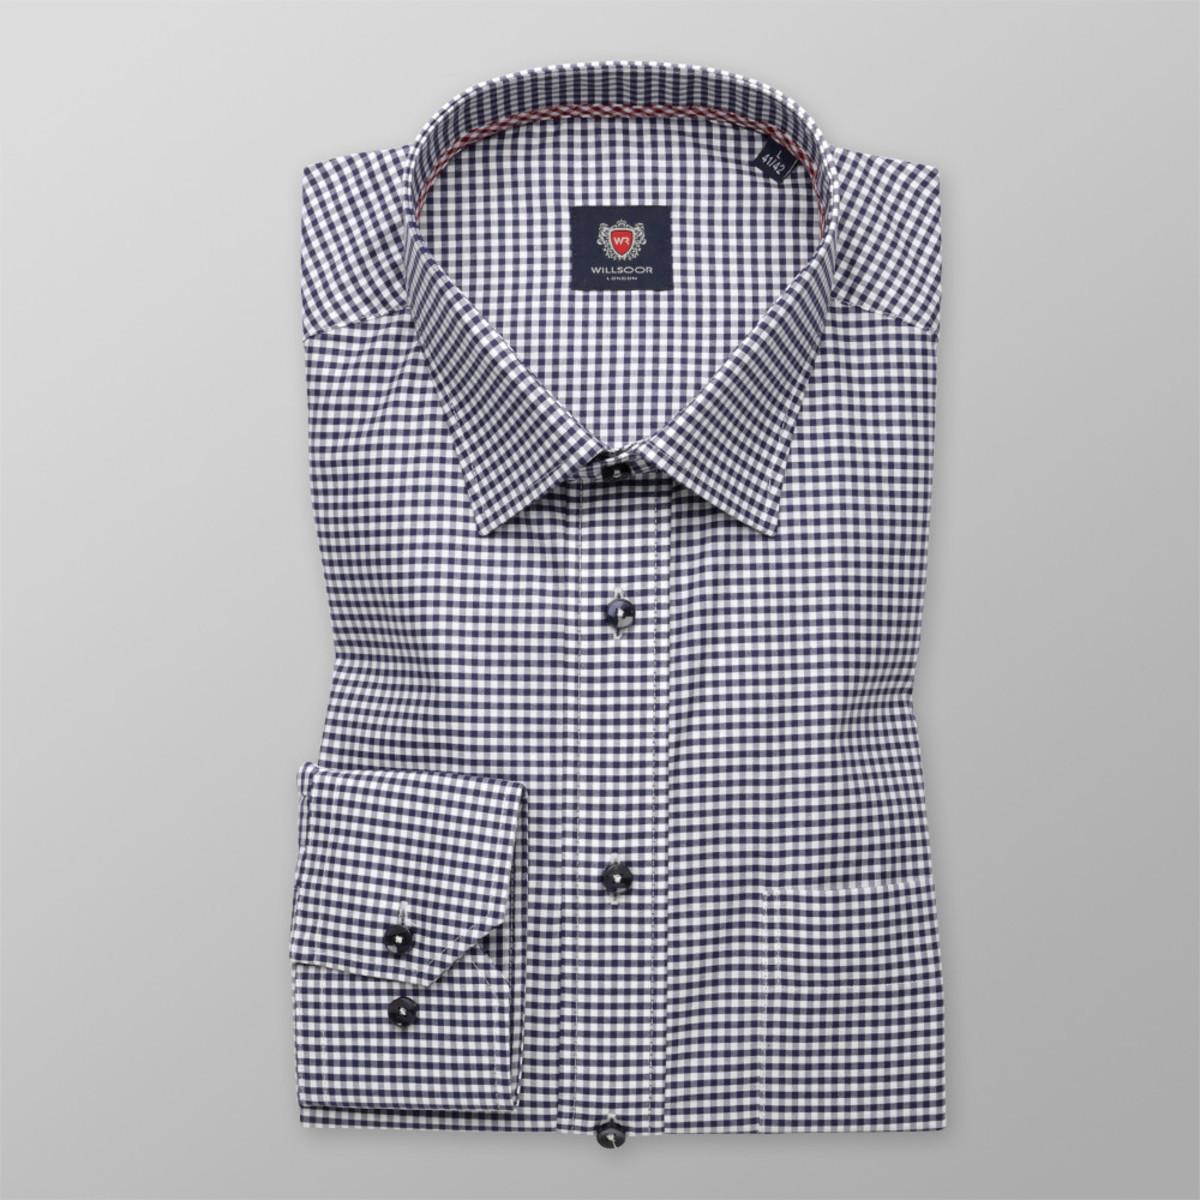 Košile London gingham (všechny velikosti) 9928 164-170 / L (41/42)